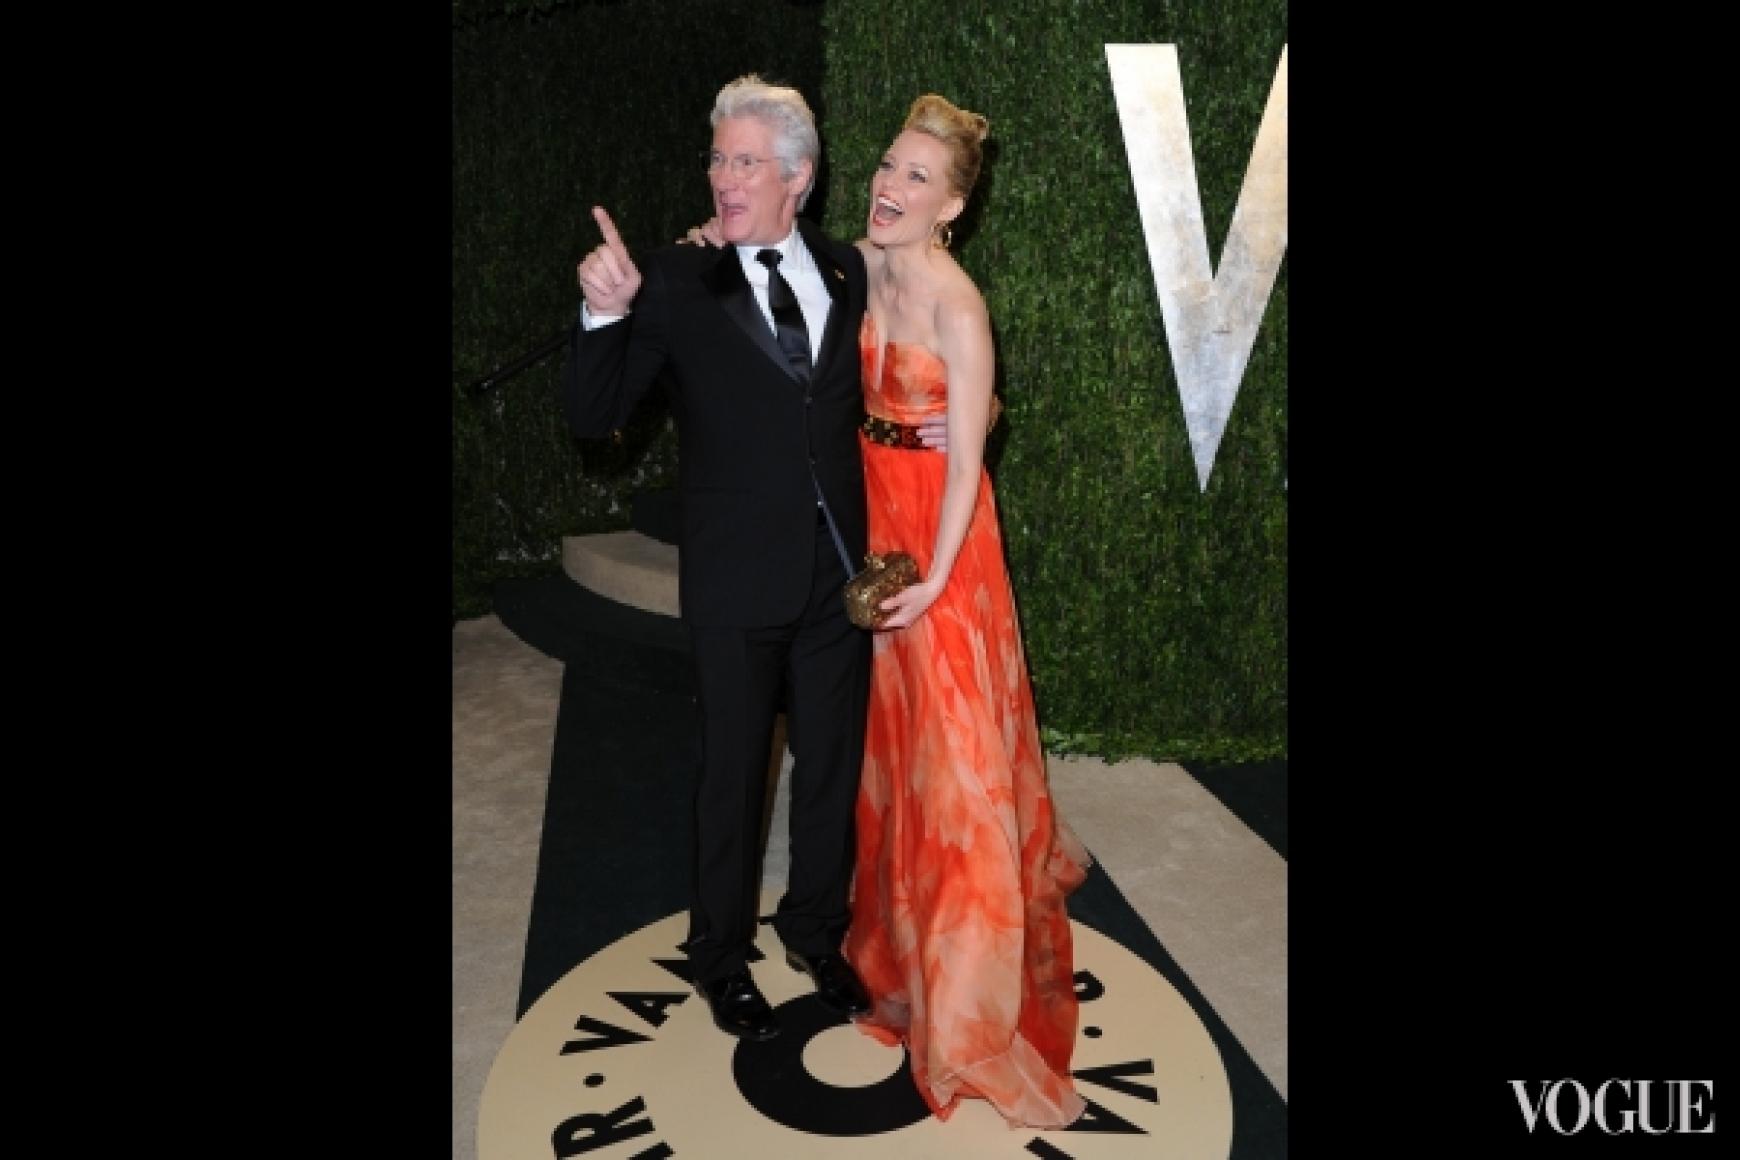 Ричард Гир и Элизабет Бэнкс в платье Alexander McQueen